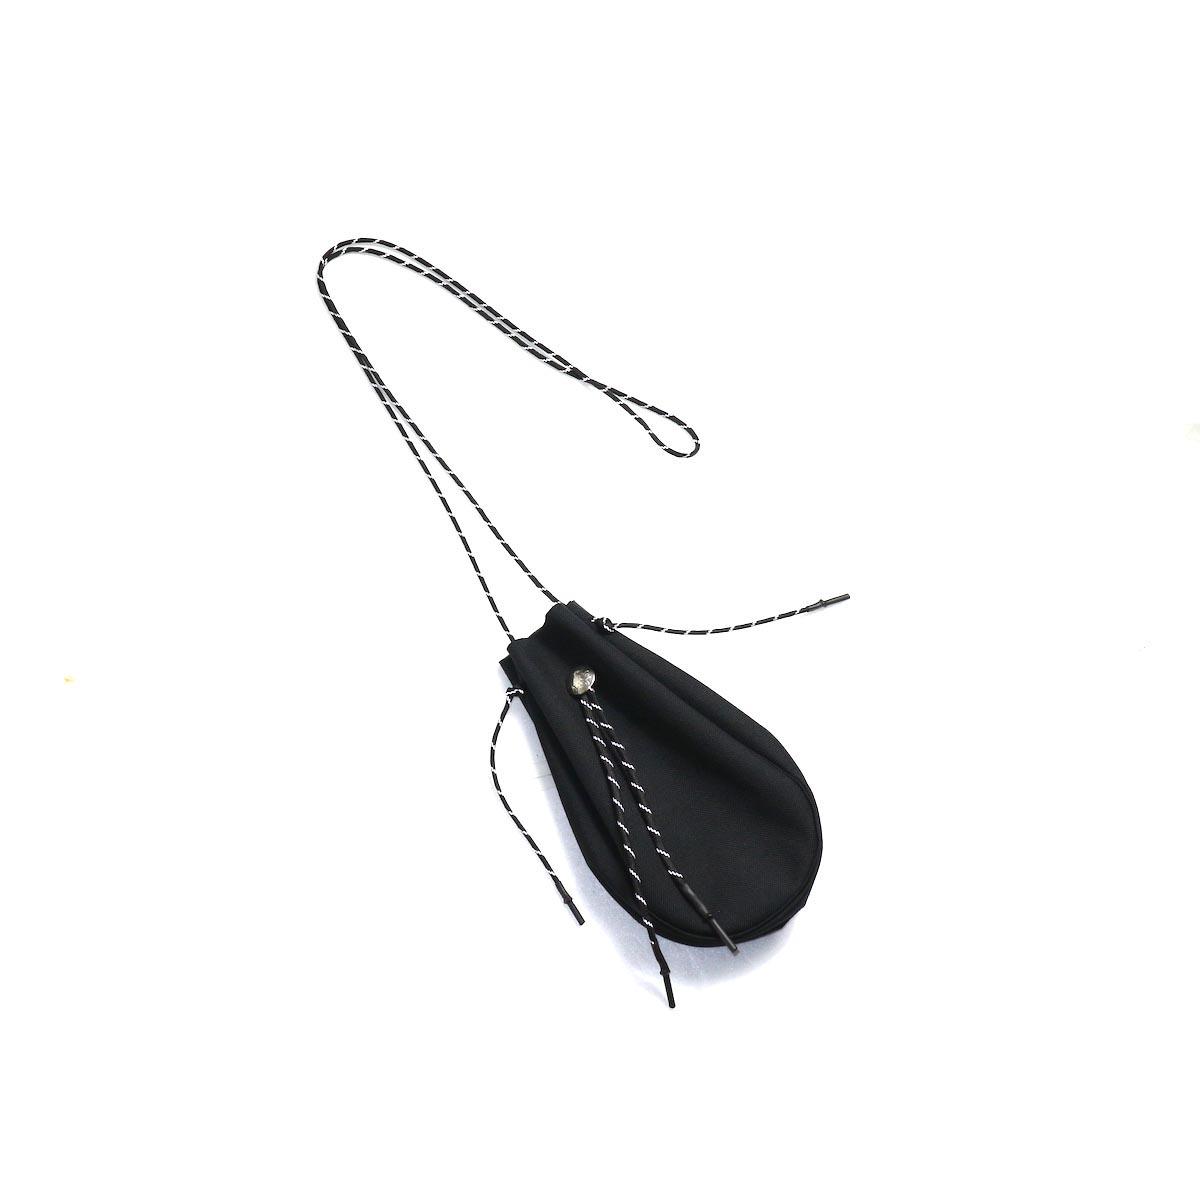 吉岡衣料店 / drawstring bag -S-. w/concho. (Black)正面